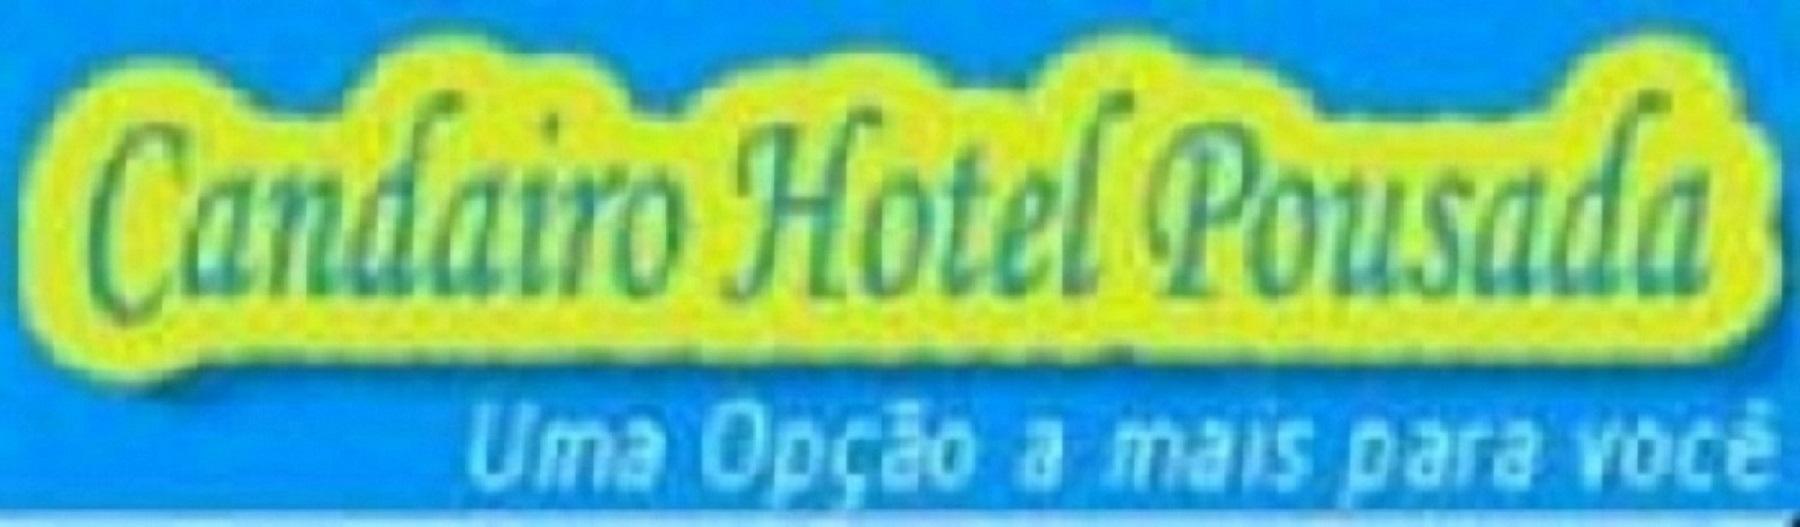 candairohotelpousada.site.com.br